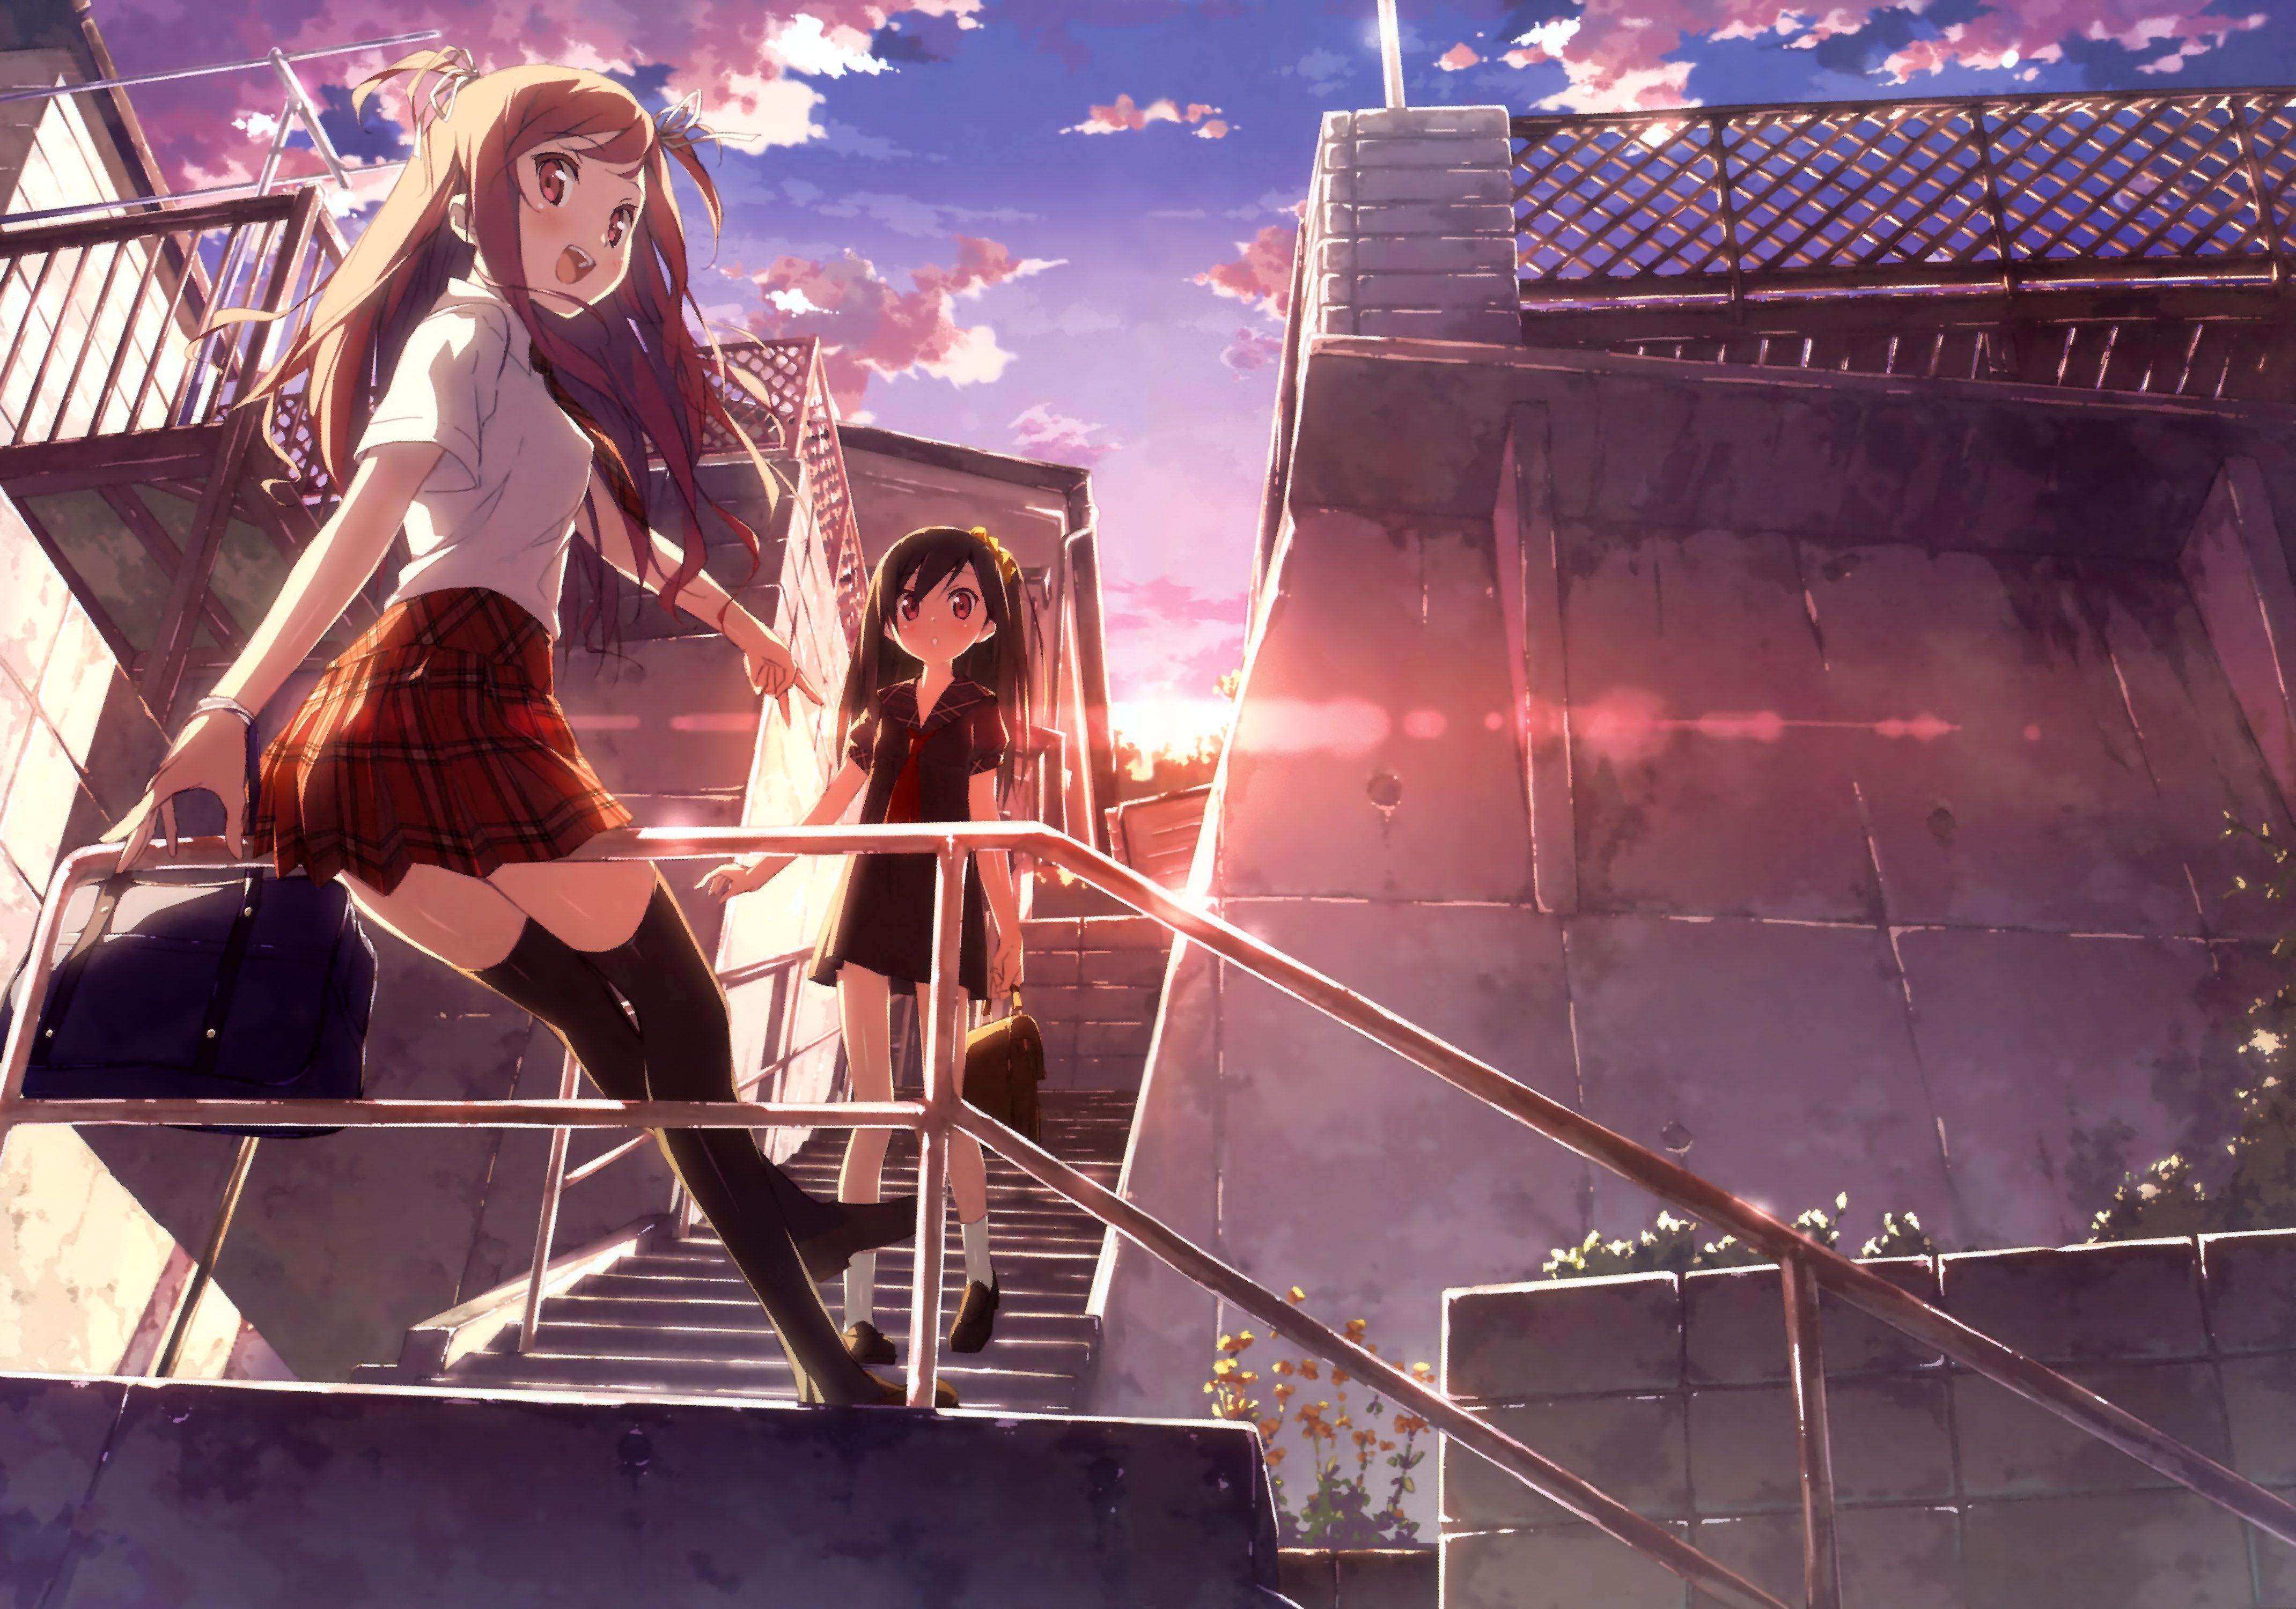 hentai ji to warawanai neko 4k wallpaper (4280x3000